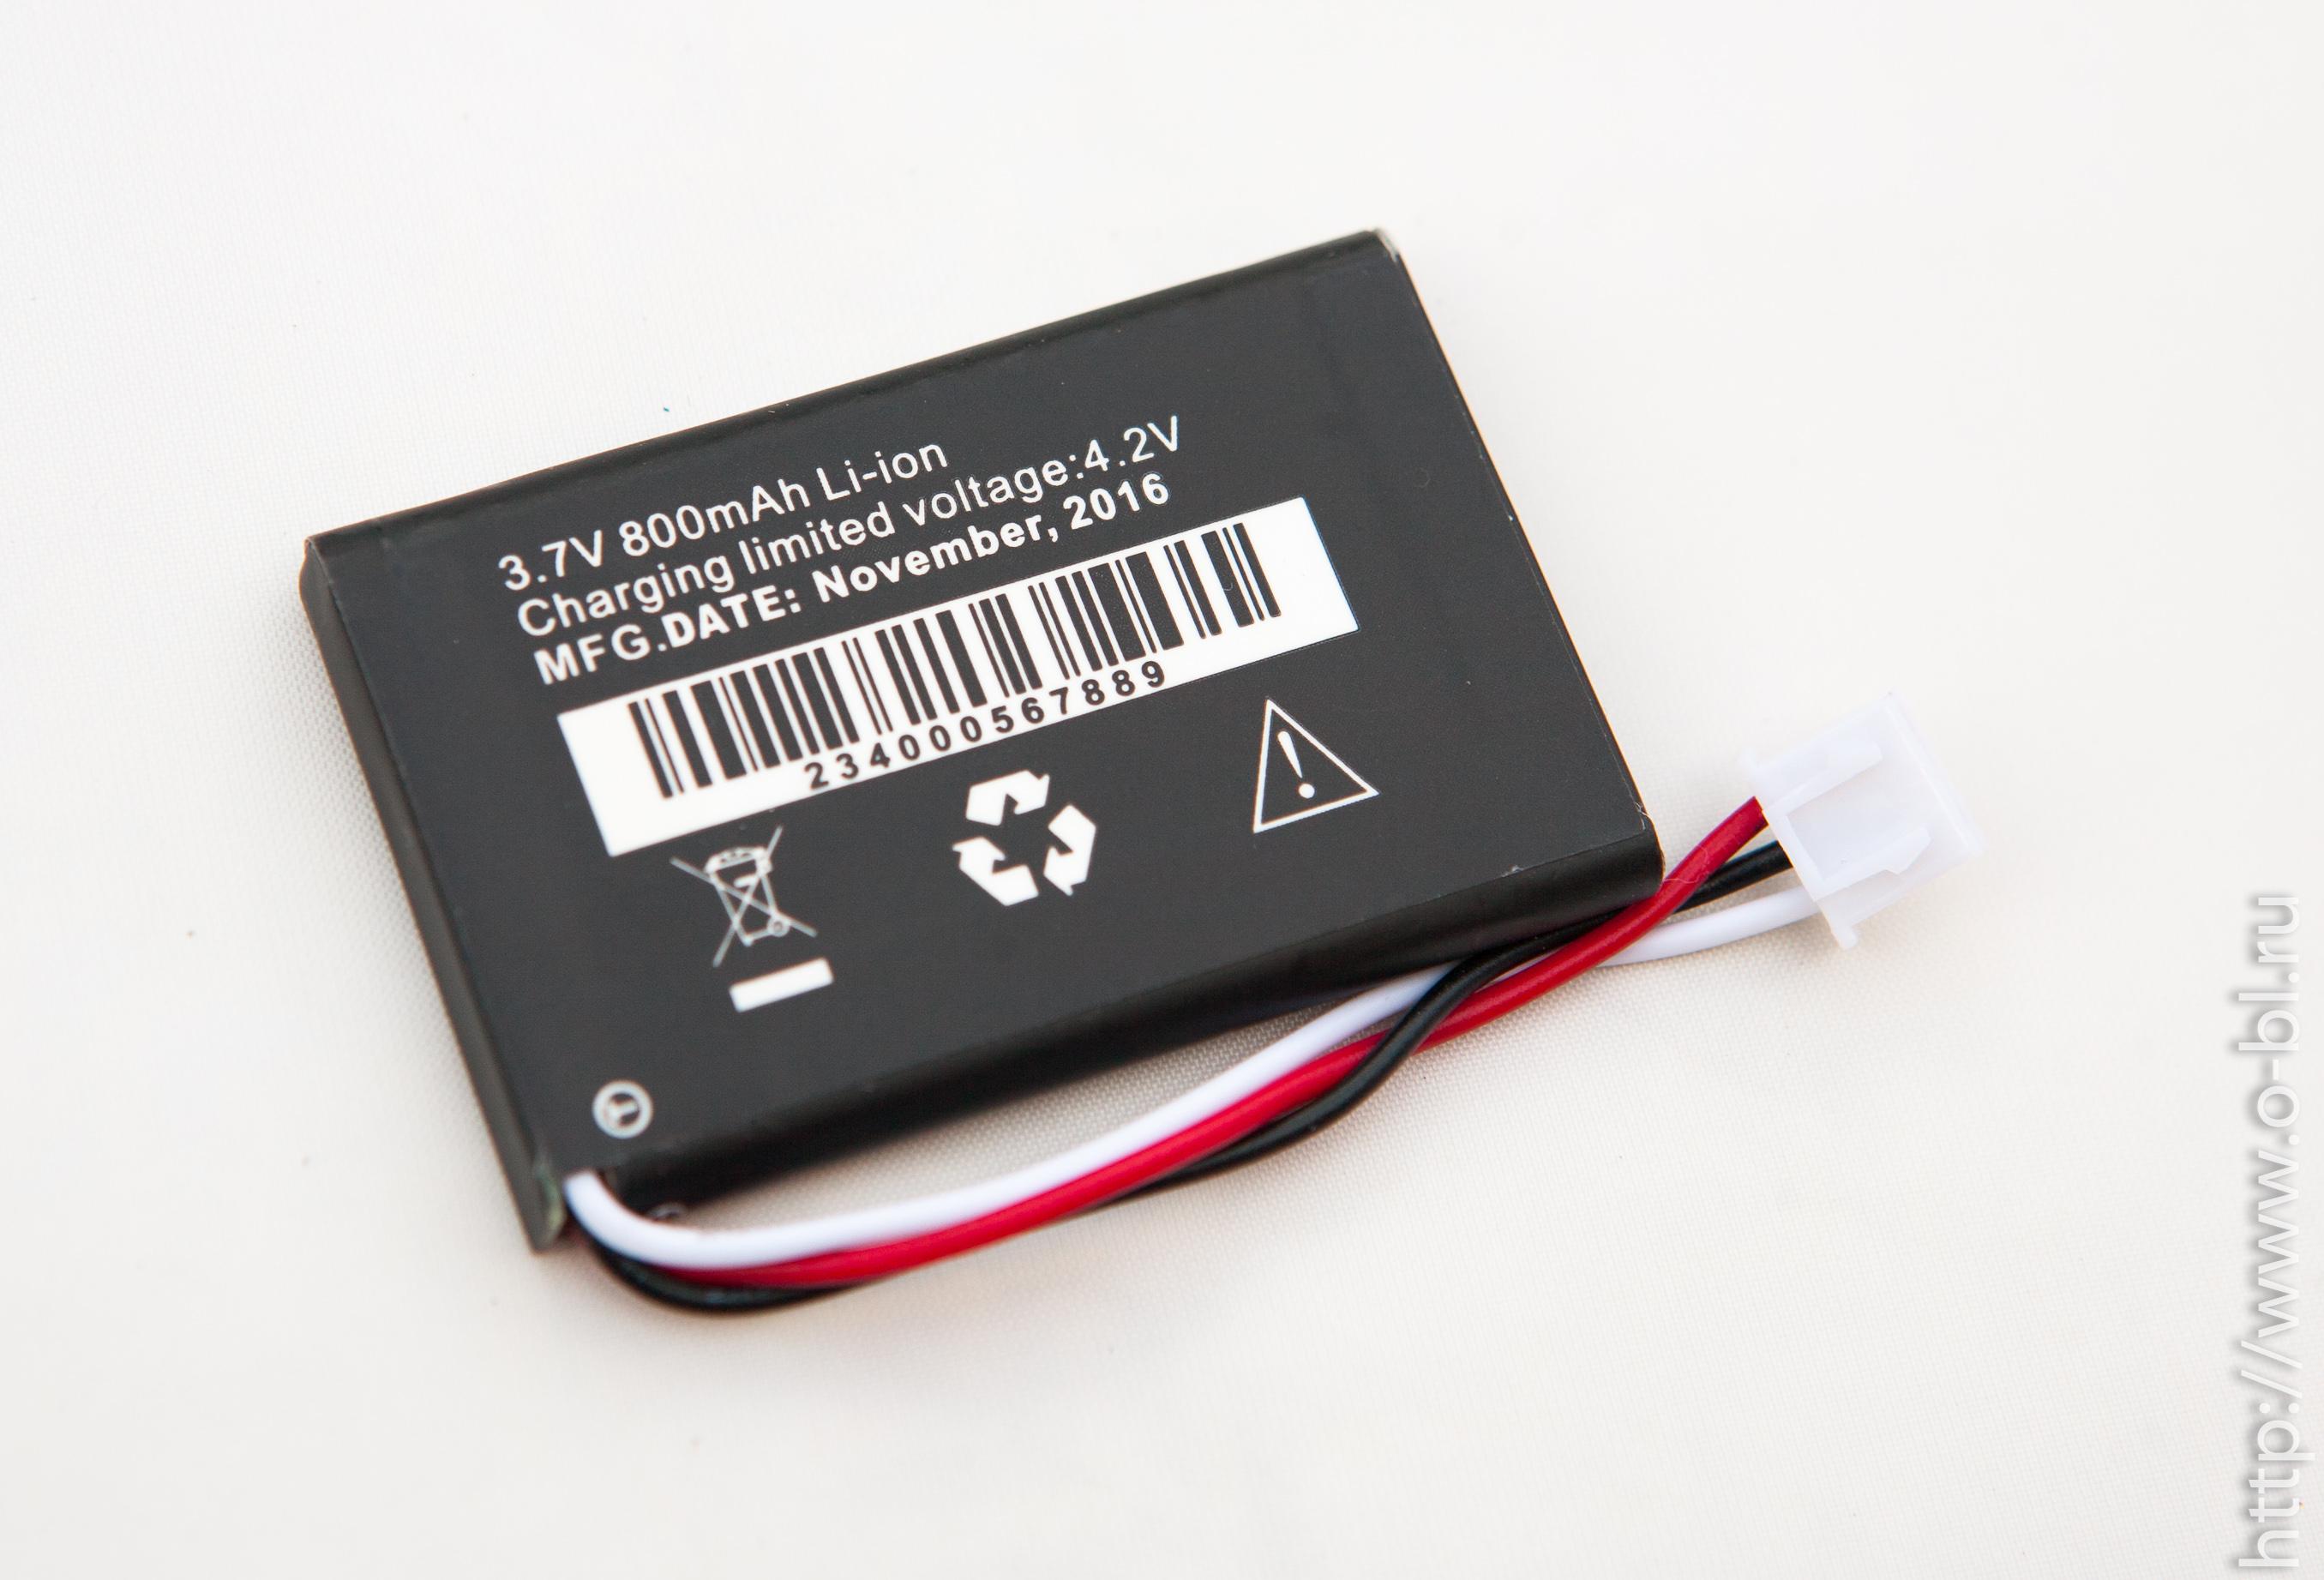 Дата производства аккумулятора - Ноябрь 2016, что говорит о том, что аккумулятор свежий, и товар не лежал на складе годами, как это бывает в некоторых гипермаркетах.